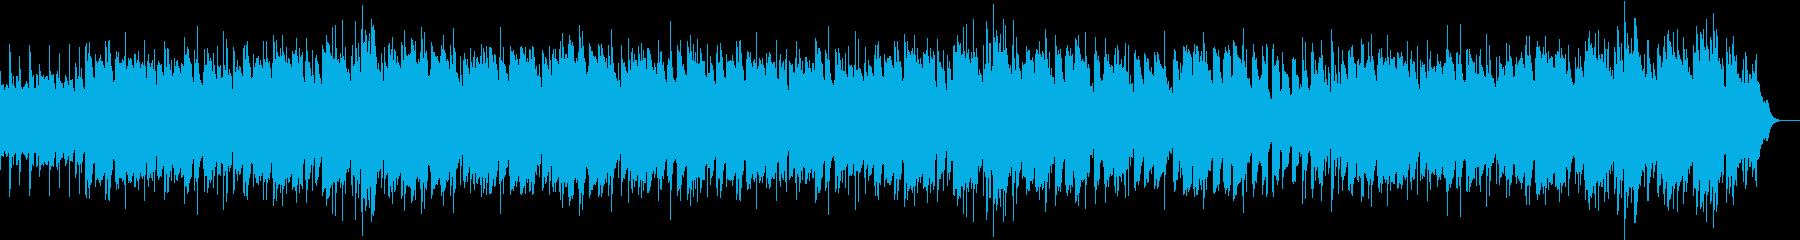 トランペットの悲しい調べ レクイエムの再生済みの波形